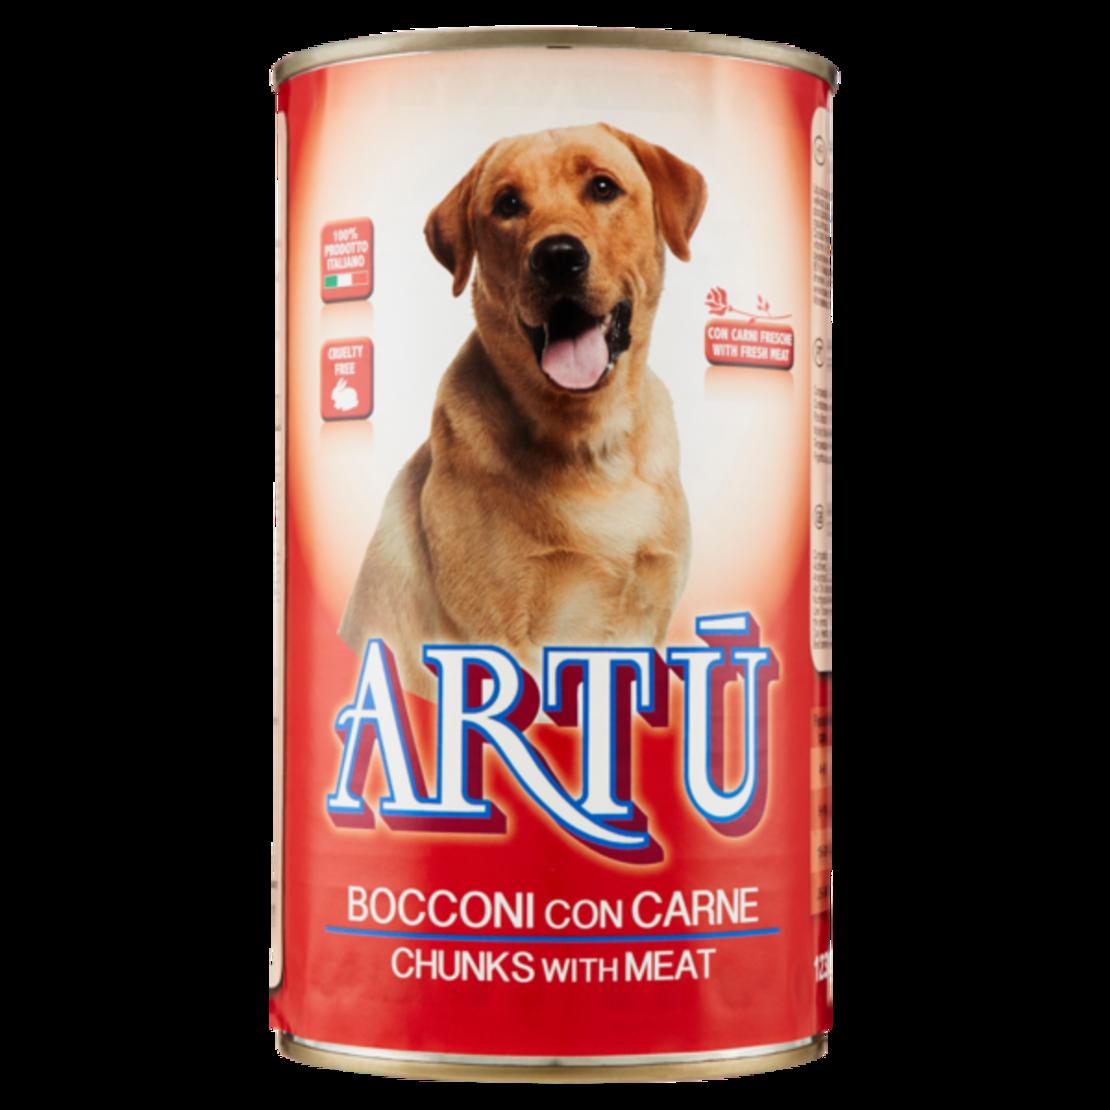 ARTU מזון רטוב לכלבים בפחית שימורים בטעמים לבחירה: כבש / בקר / הודו / טונה